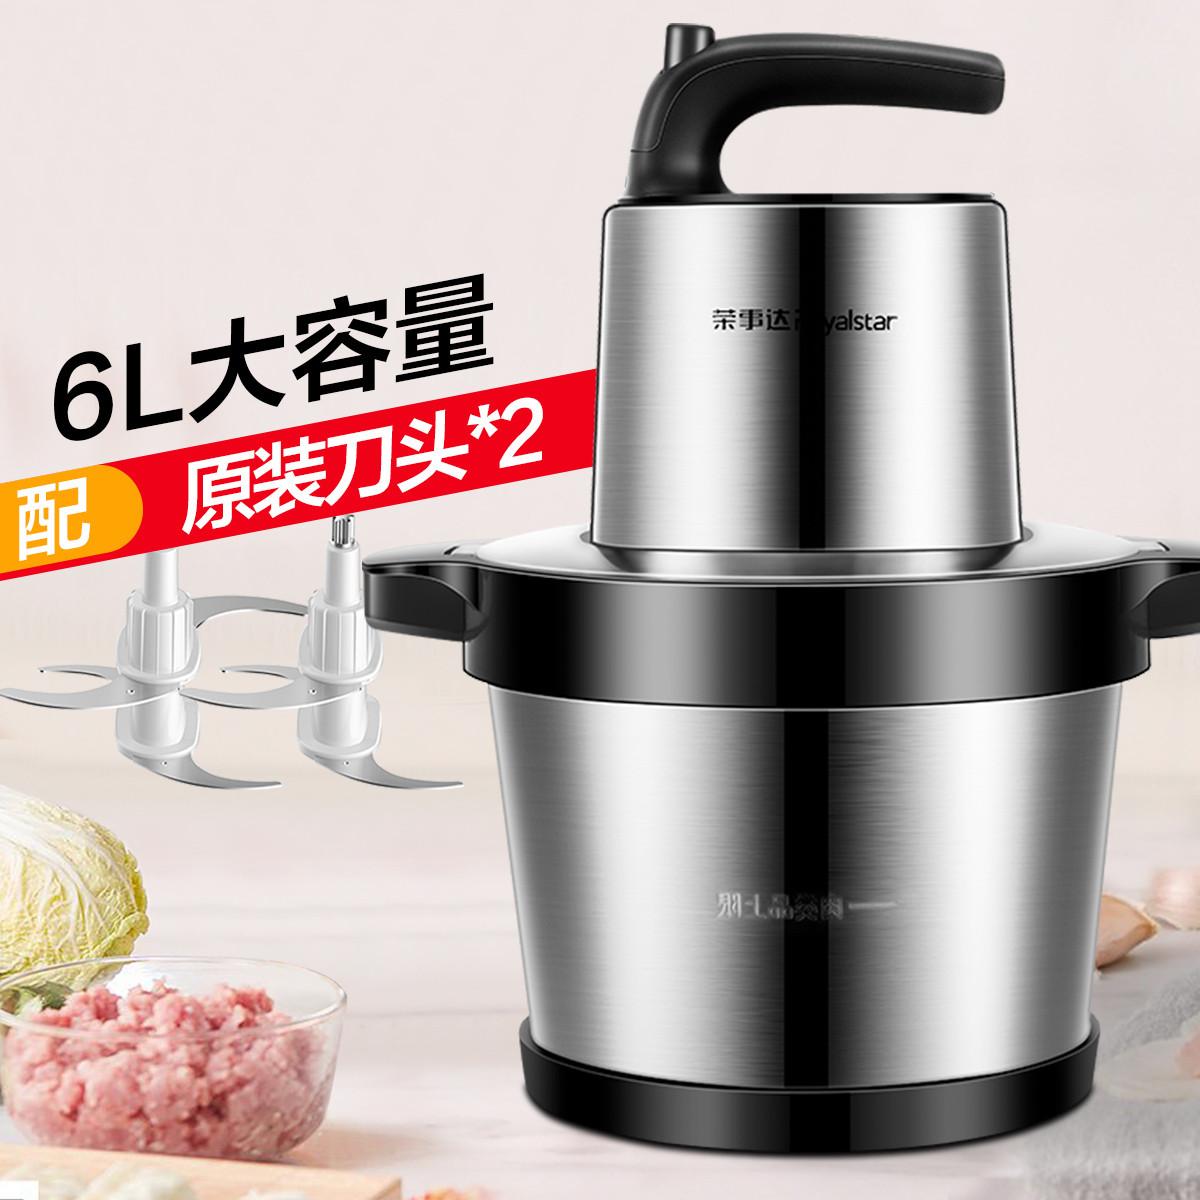 6L大容量绞肉机家用多功能不锈钢双刀辅食机切肉打肉机搅拌料理机